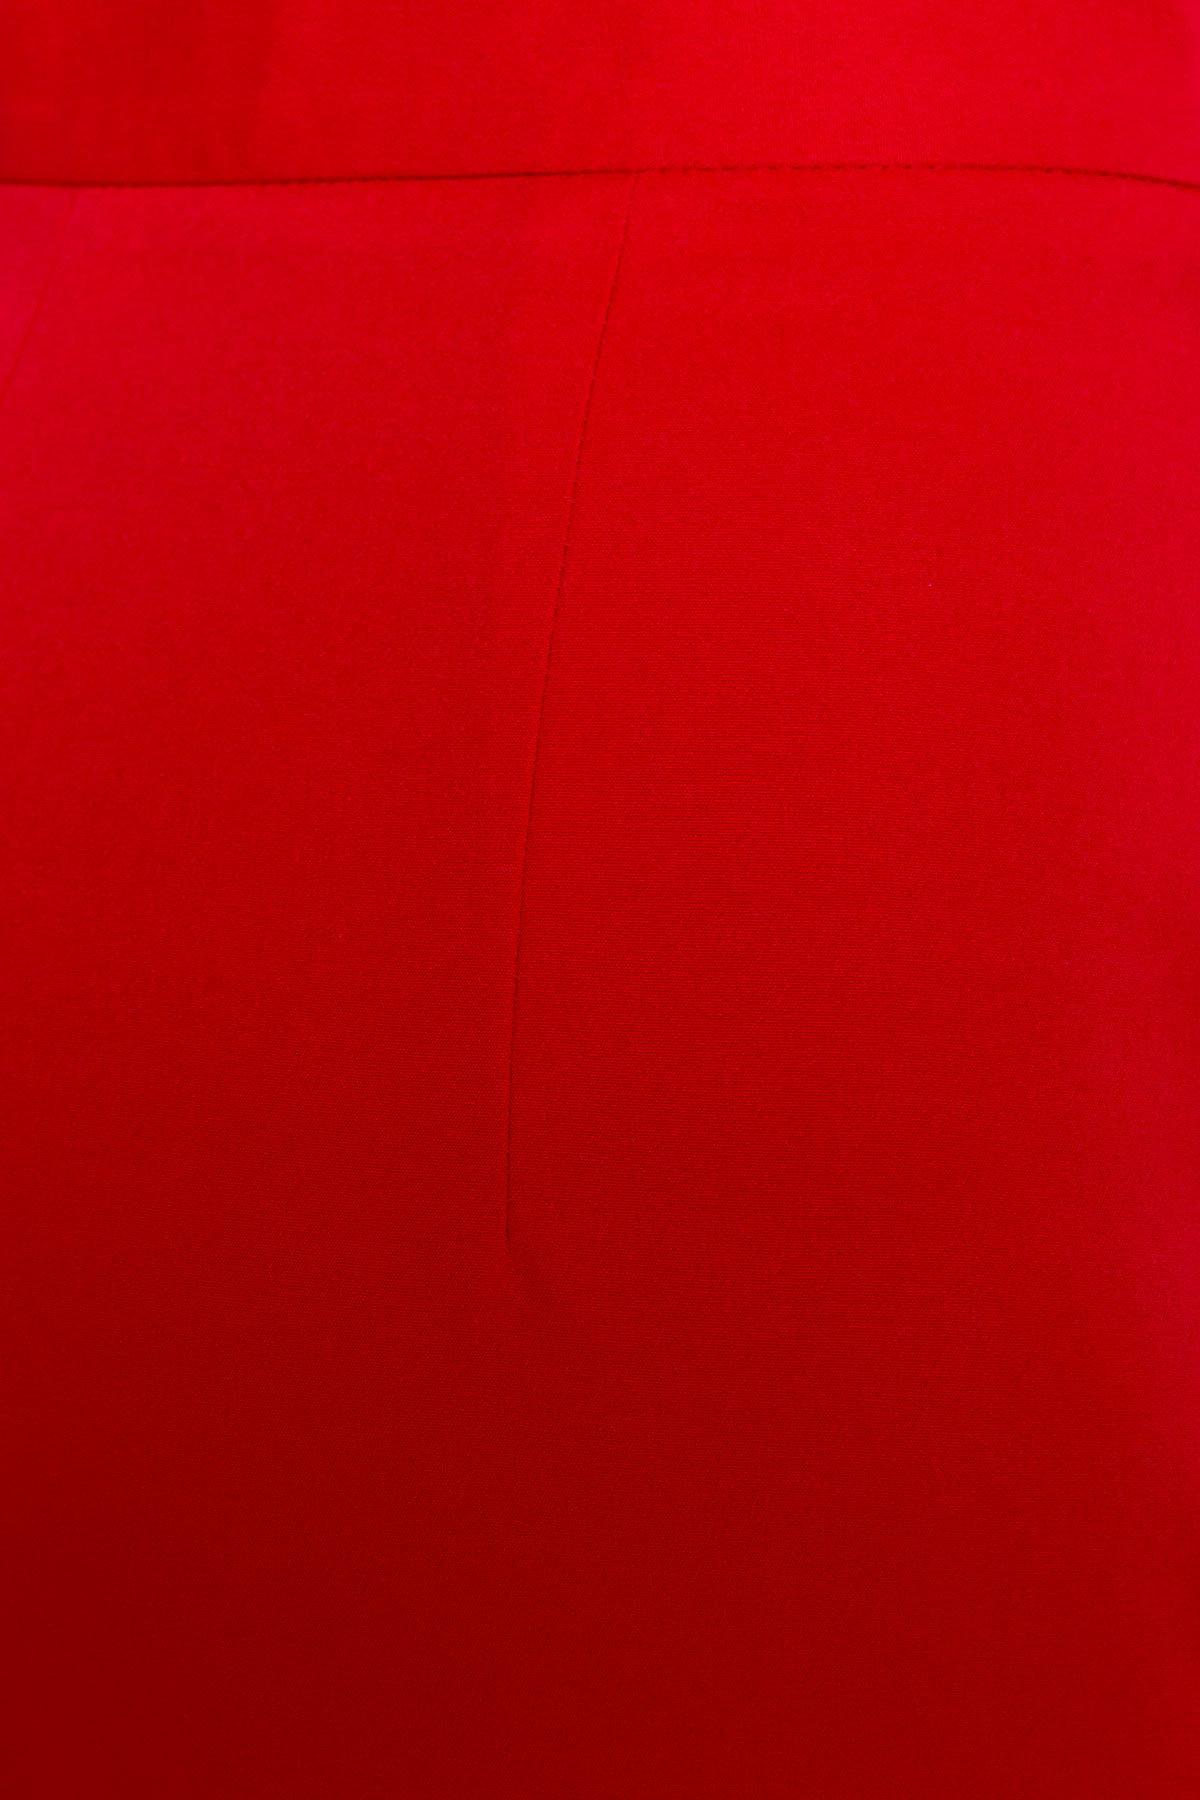 Широкие Брюки Мадлен 2788 АРТ. 15266 Цвет: Красный - фото 3, интернет магазин tm-modus.ru